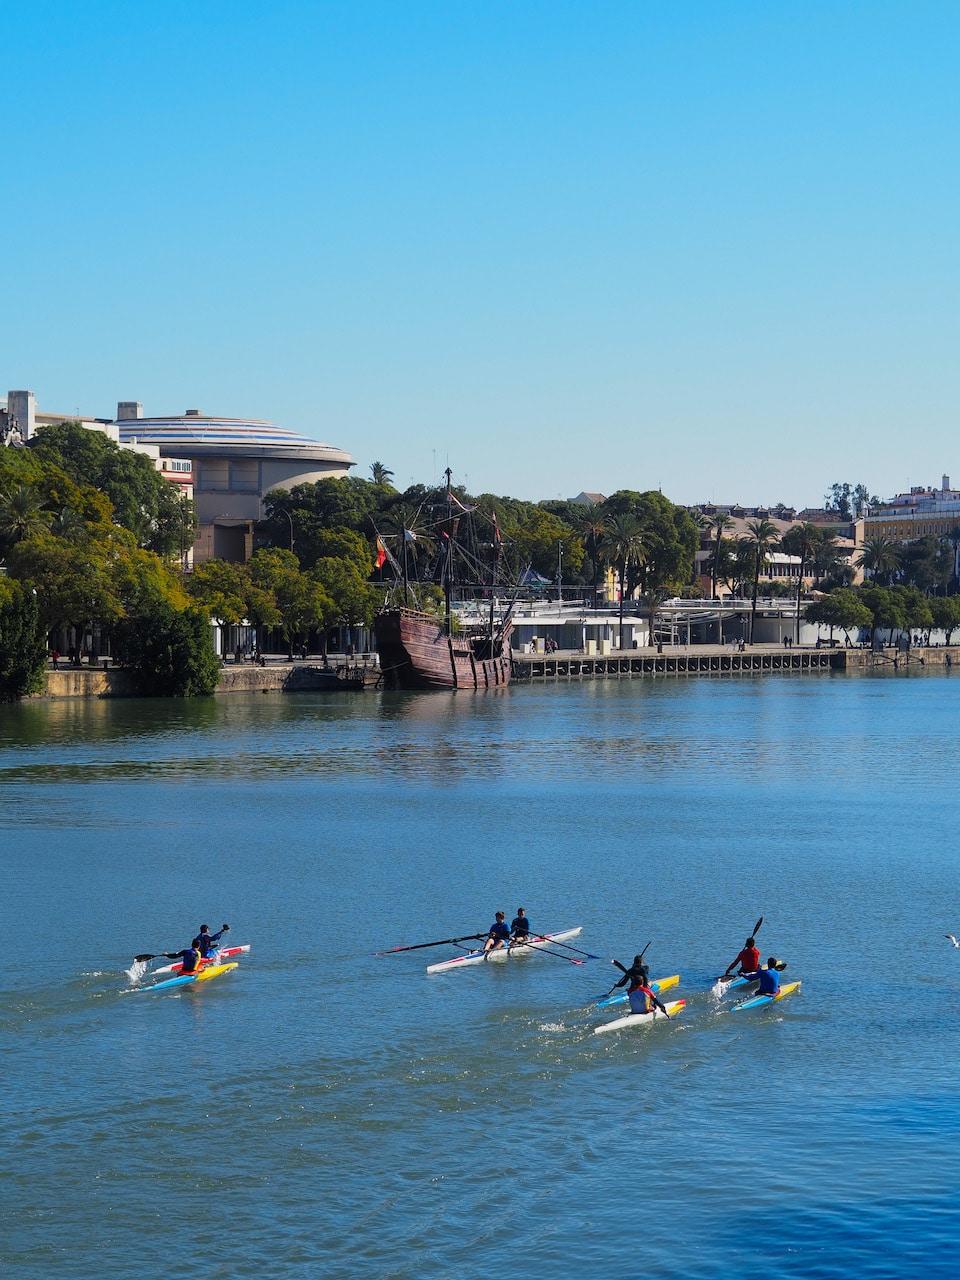 stedentrip Sevilla Guadalquivir - Nao Victoria 500